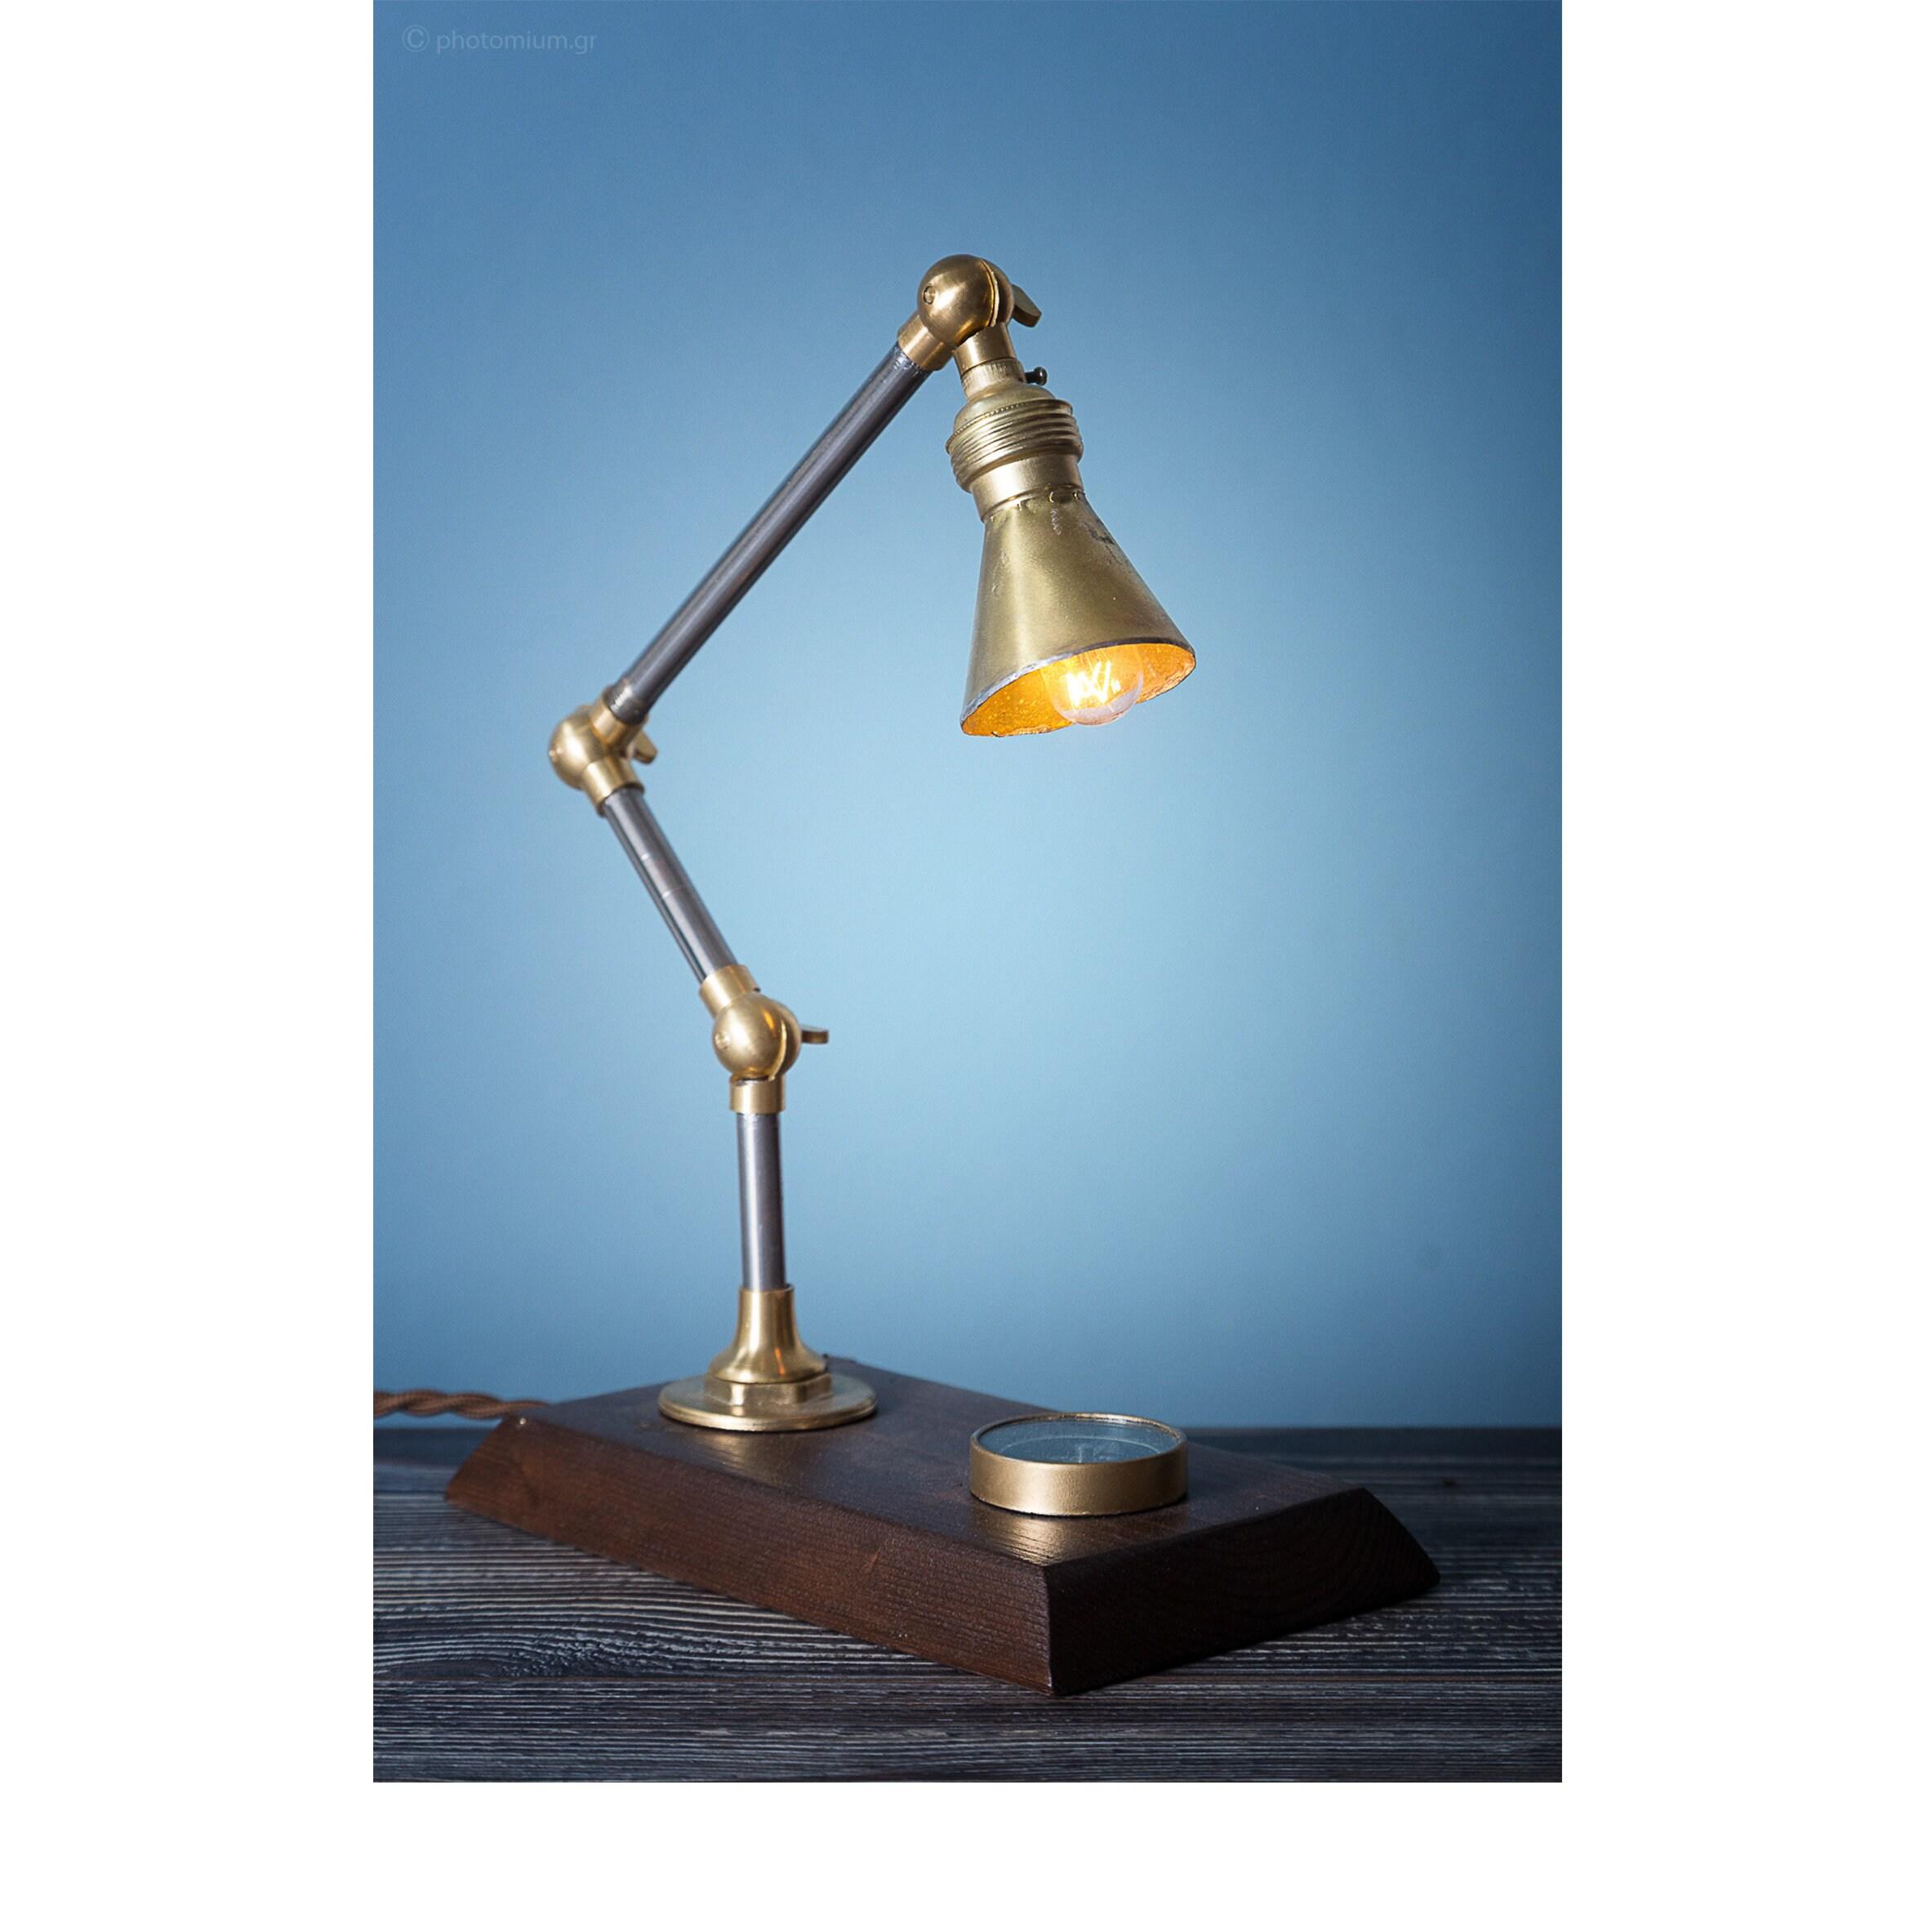 Metal table lamp handmade lighting steampunk lamps wooden lamp metal table lamp handmade lighting steampunk lamps wooden lamp edison bulb table lamp pendant lighting handmade lamp vintage arubaitofo Gallery